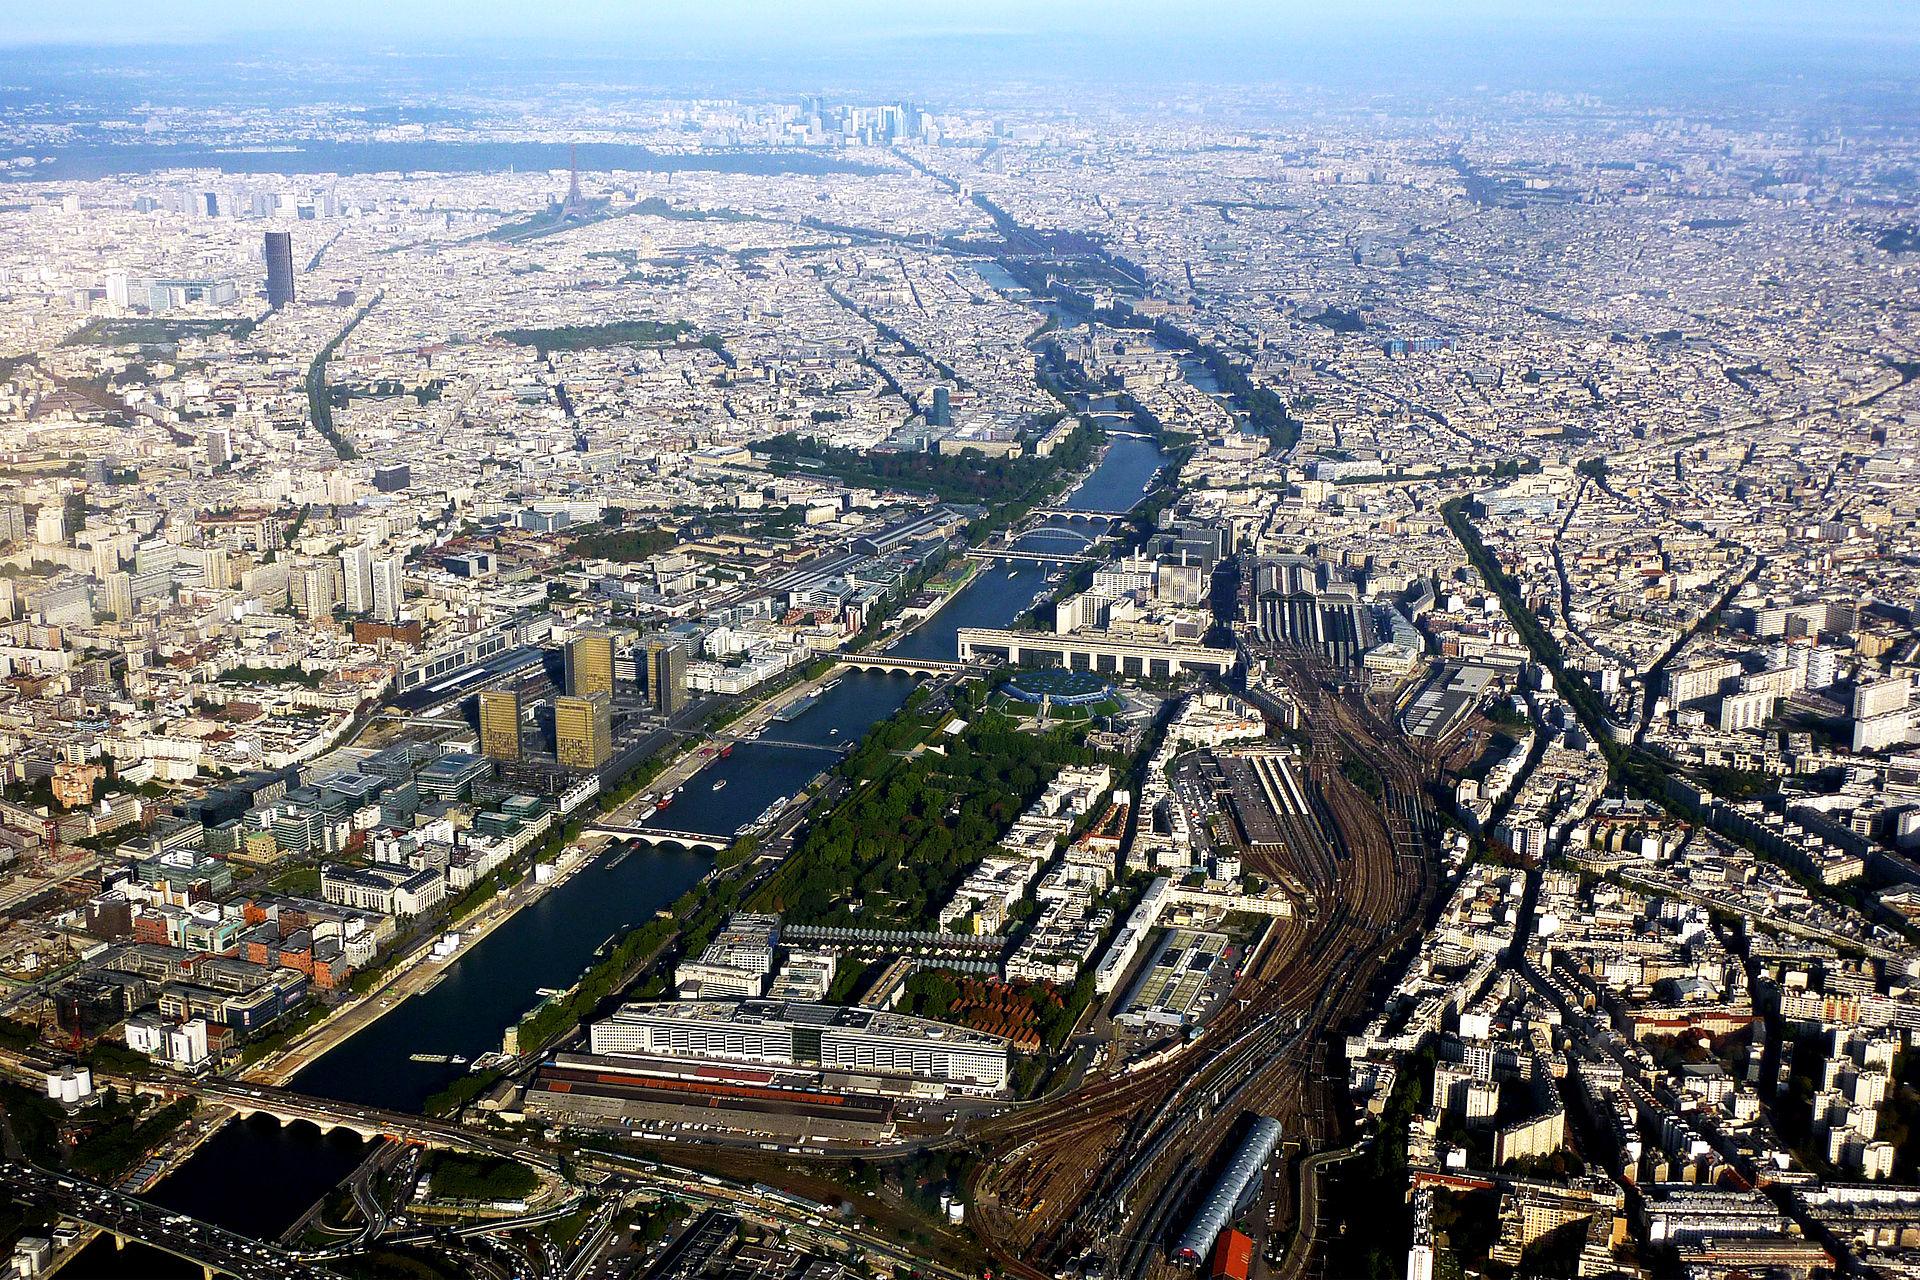 แม่น้ำแซน-มุมสูง